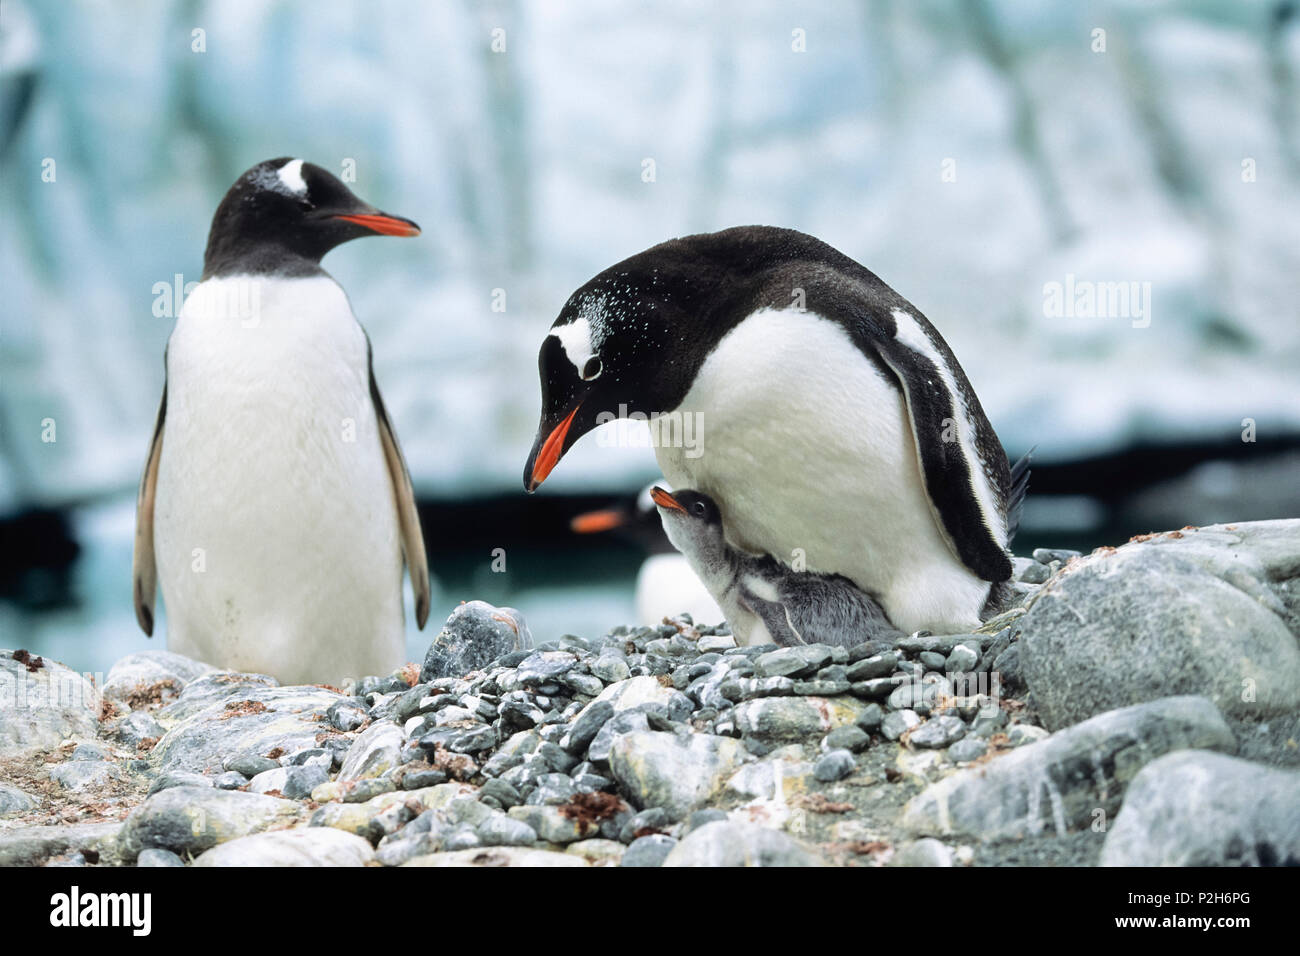 Gentoo Penguin with chick, Pygoscelis papua, Antarctic peninsula, Antarctica - Stock Image